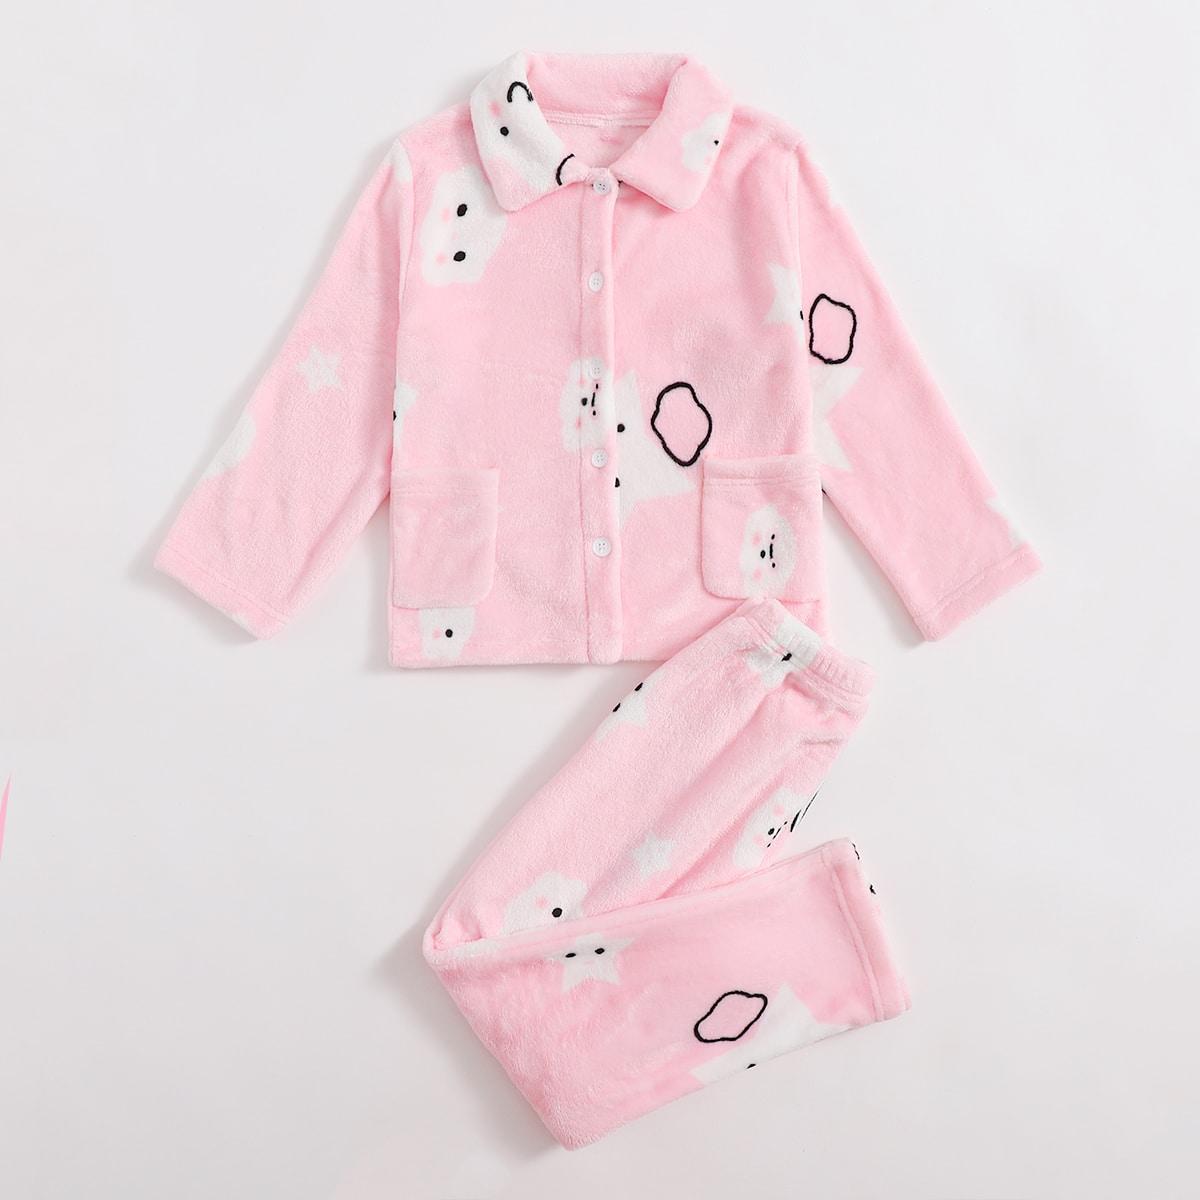 с карманами Мультяшный принт милый Домашняя одежда для девочек